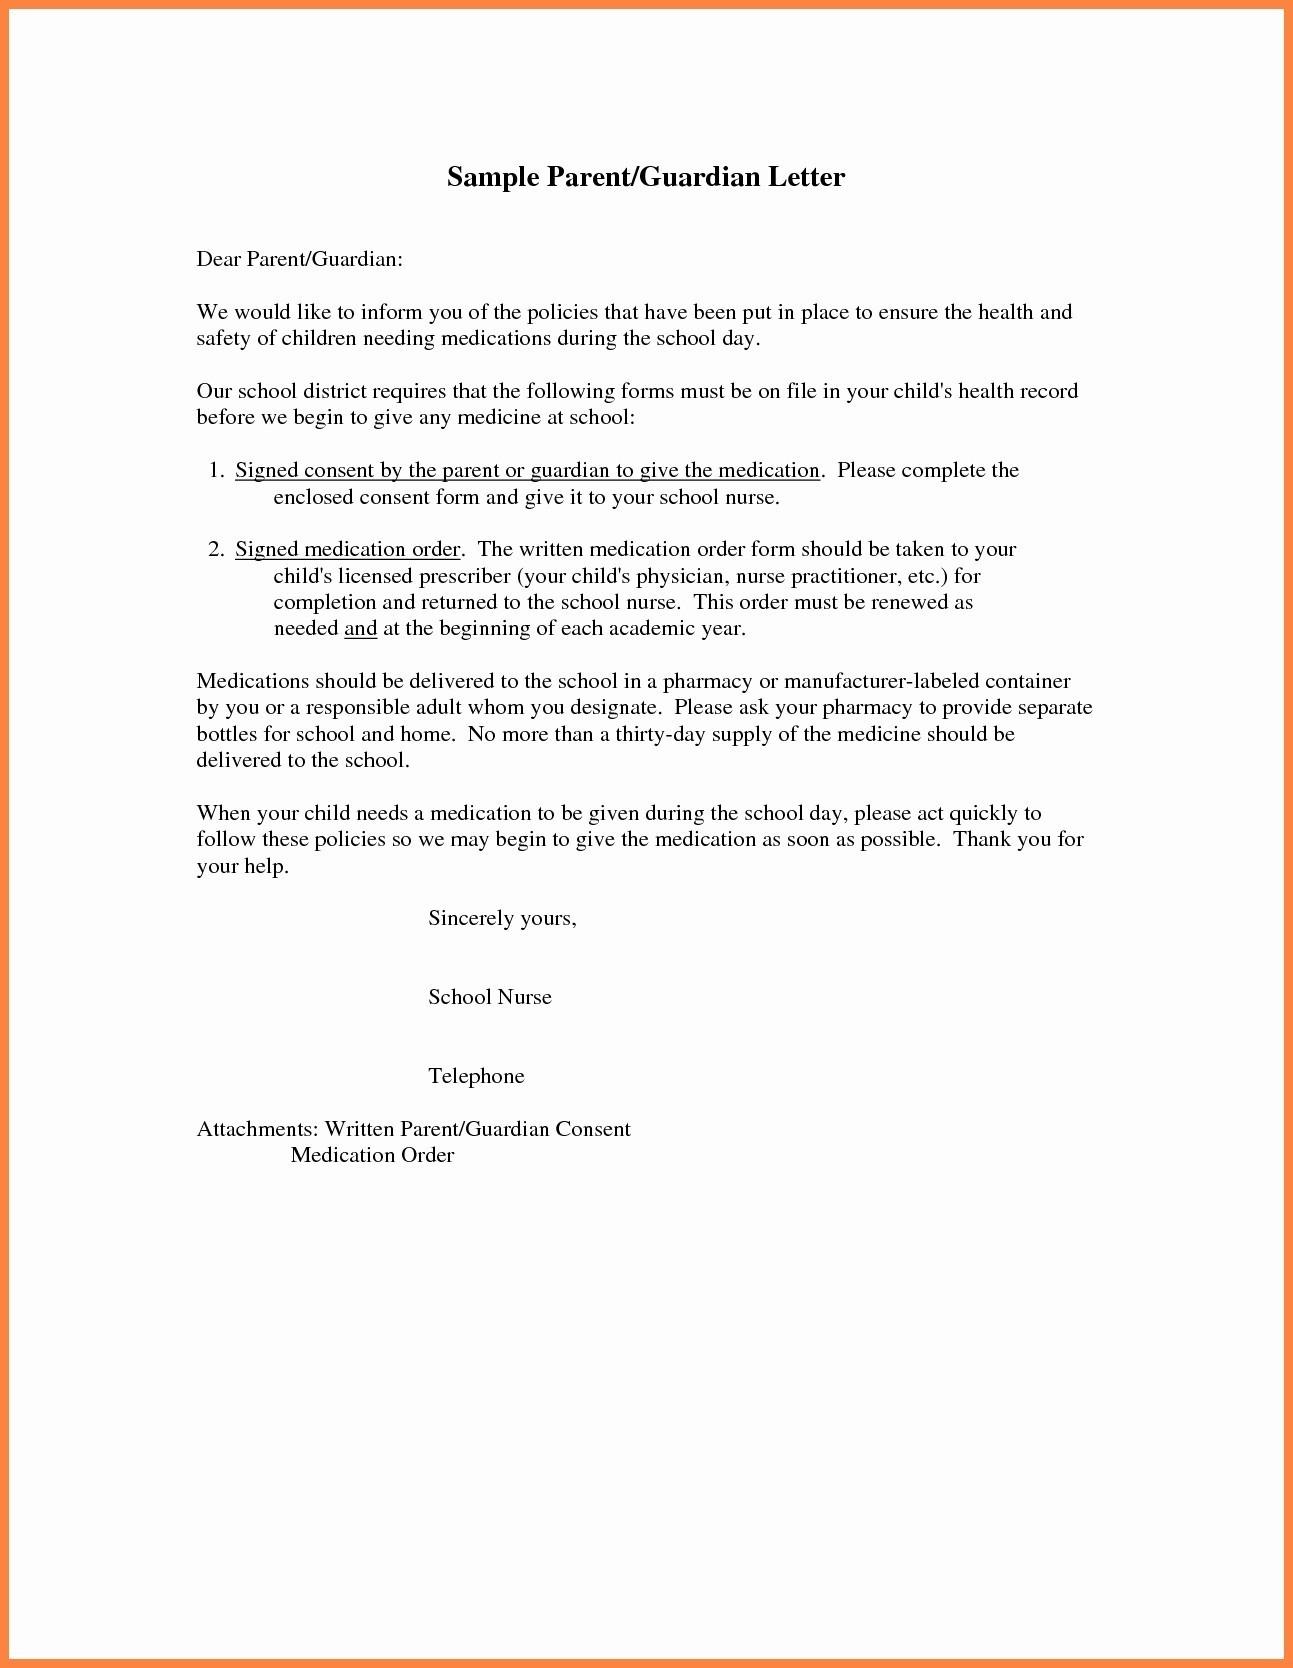 Parent Permission Letter Template - format Authorization Letter for School Fresh Authorization Letter